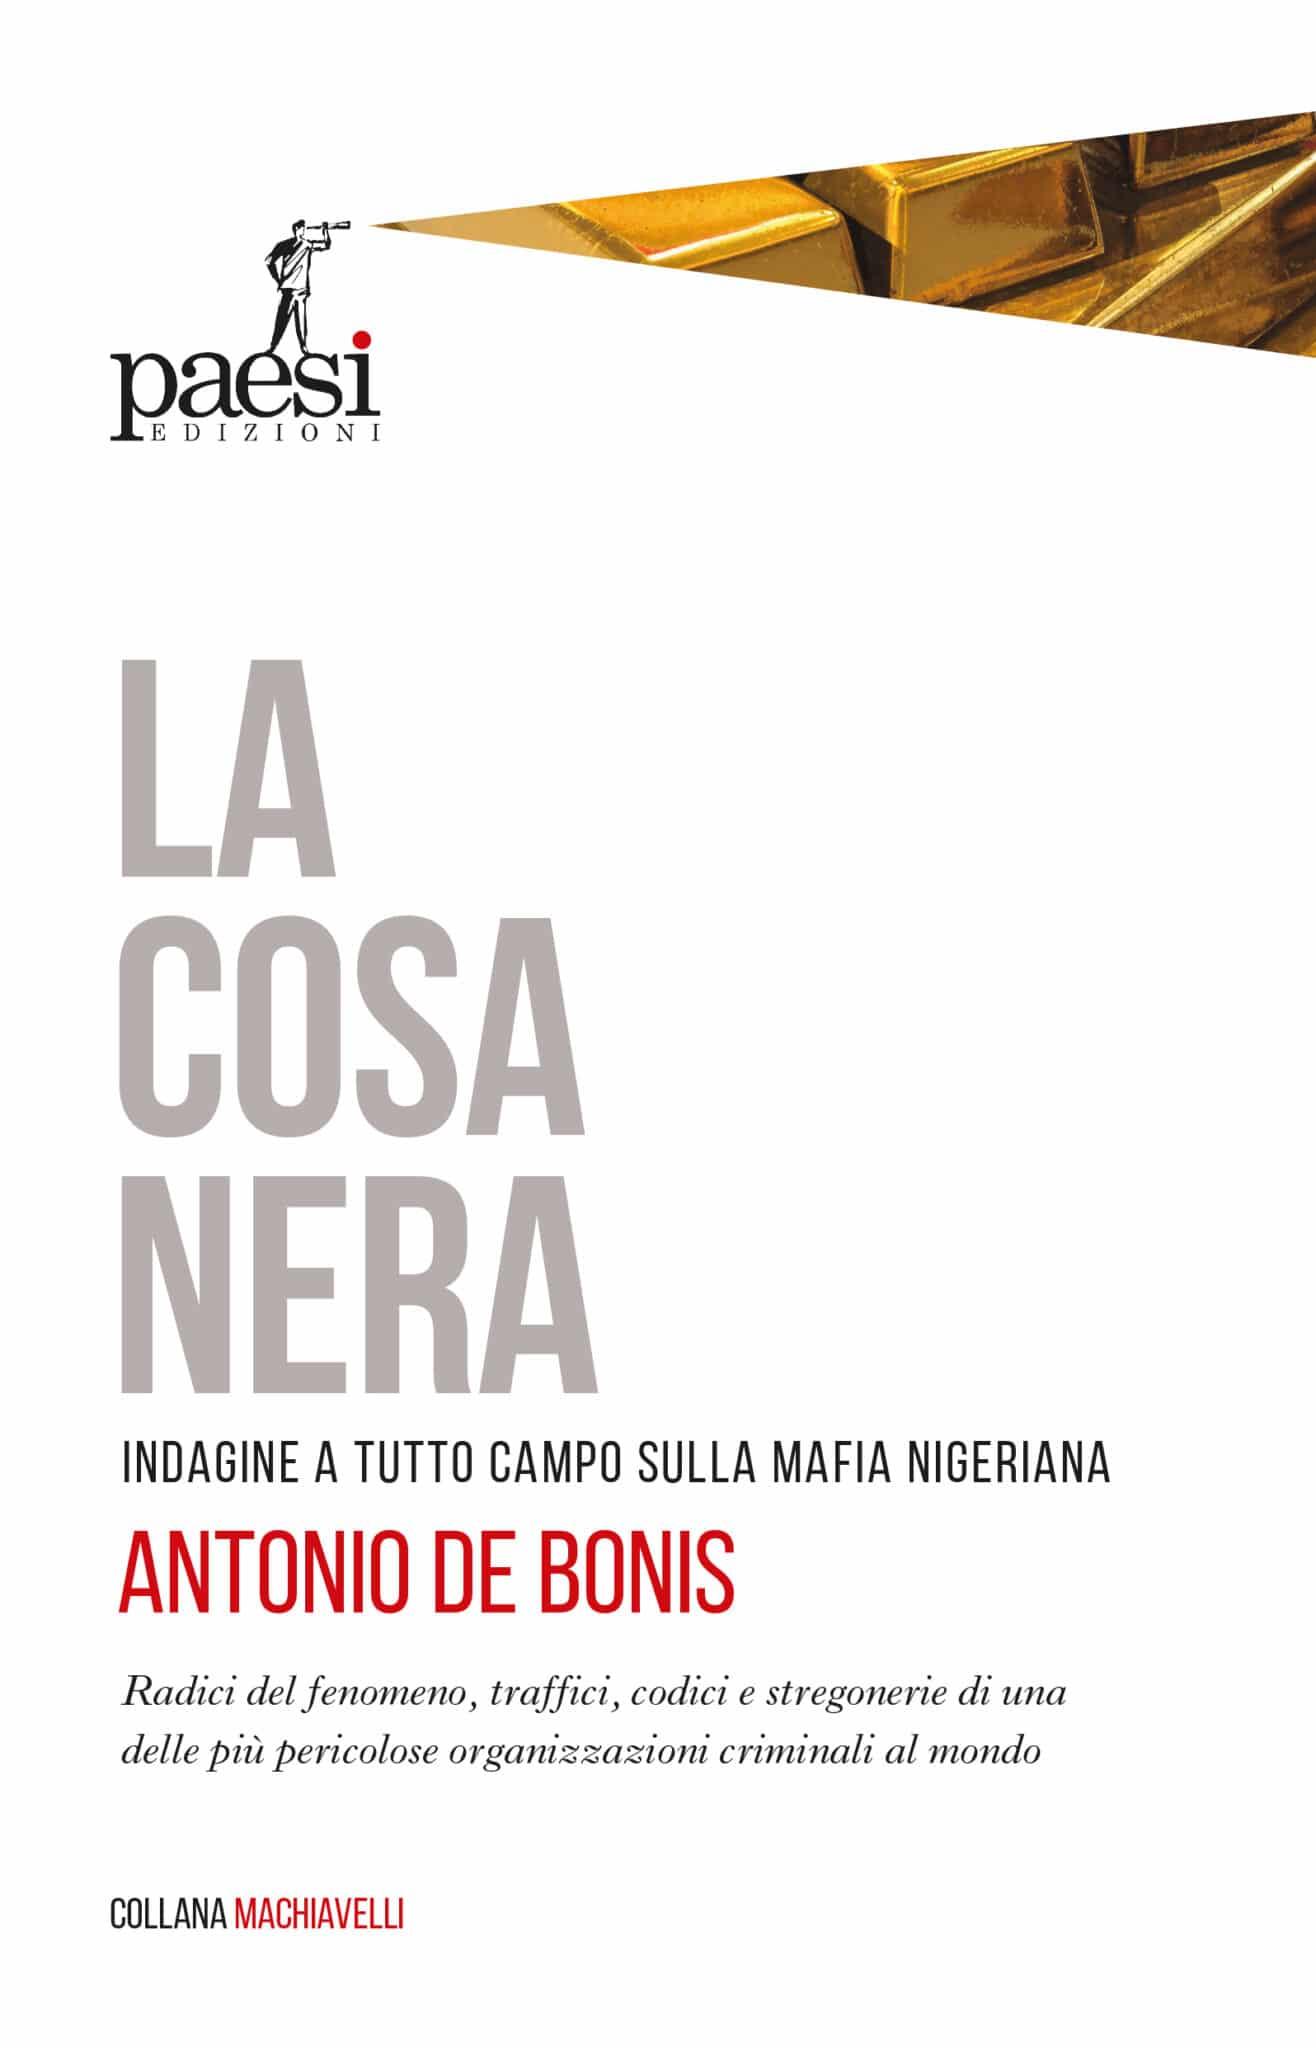 La Cosa Nera, Paesi Edizioni